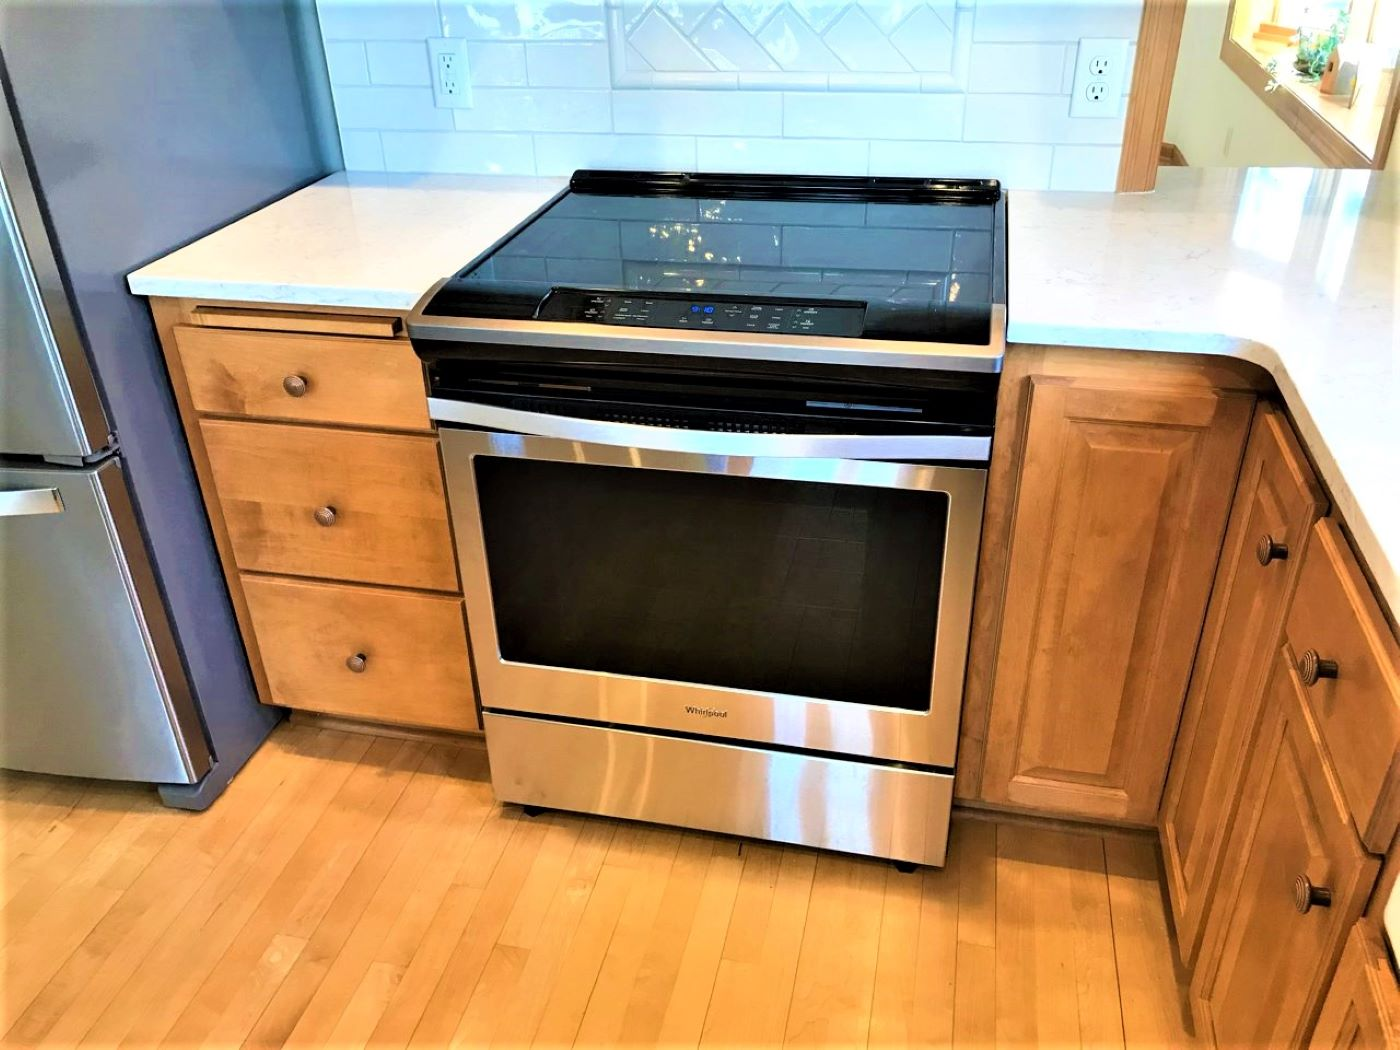 kitchen stove & cabinets